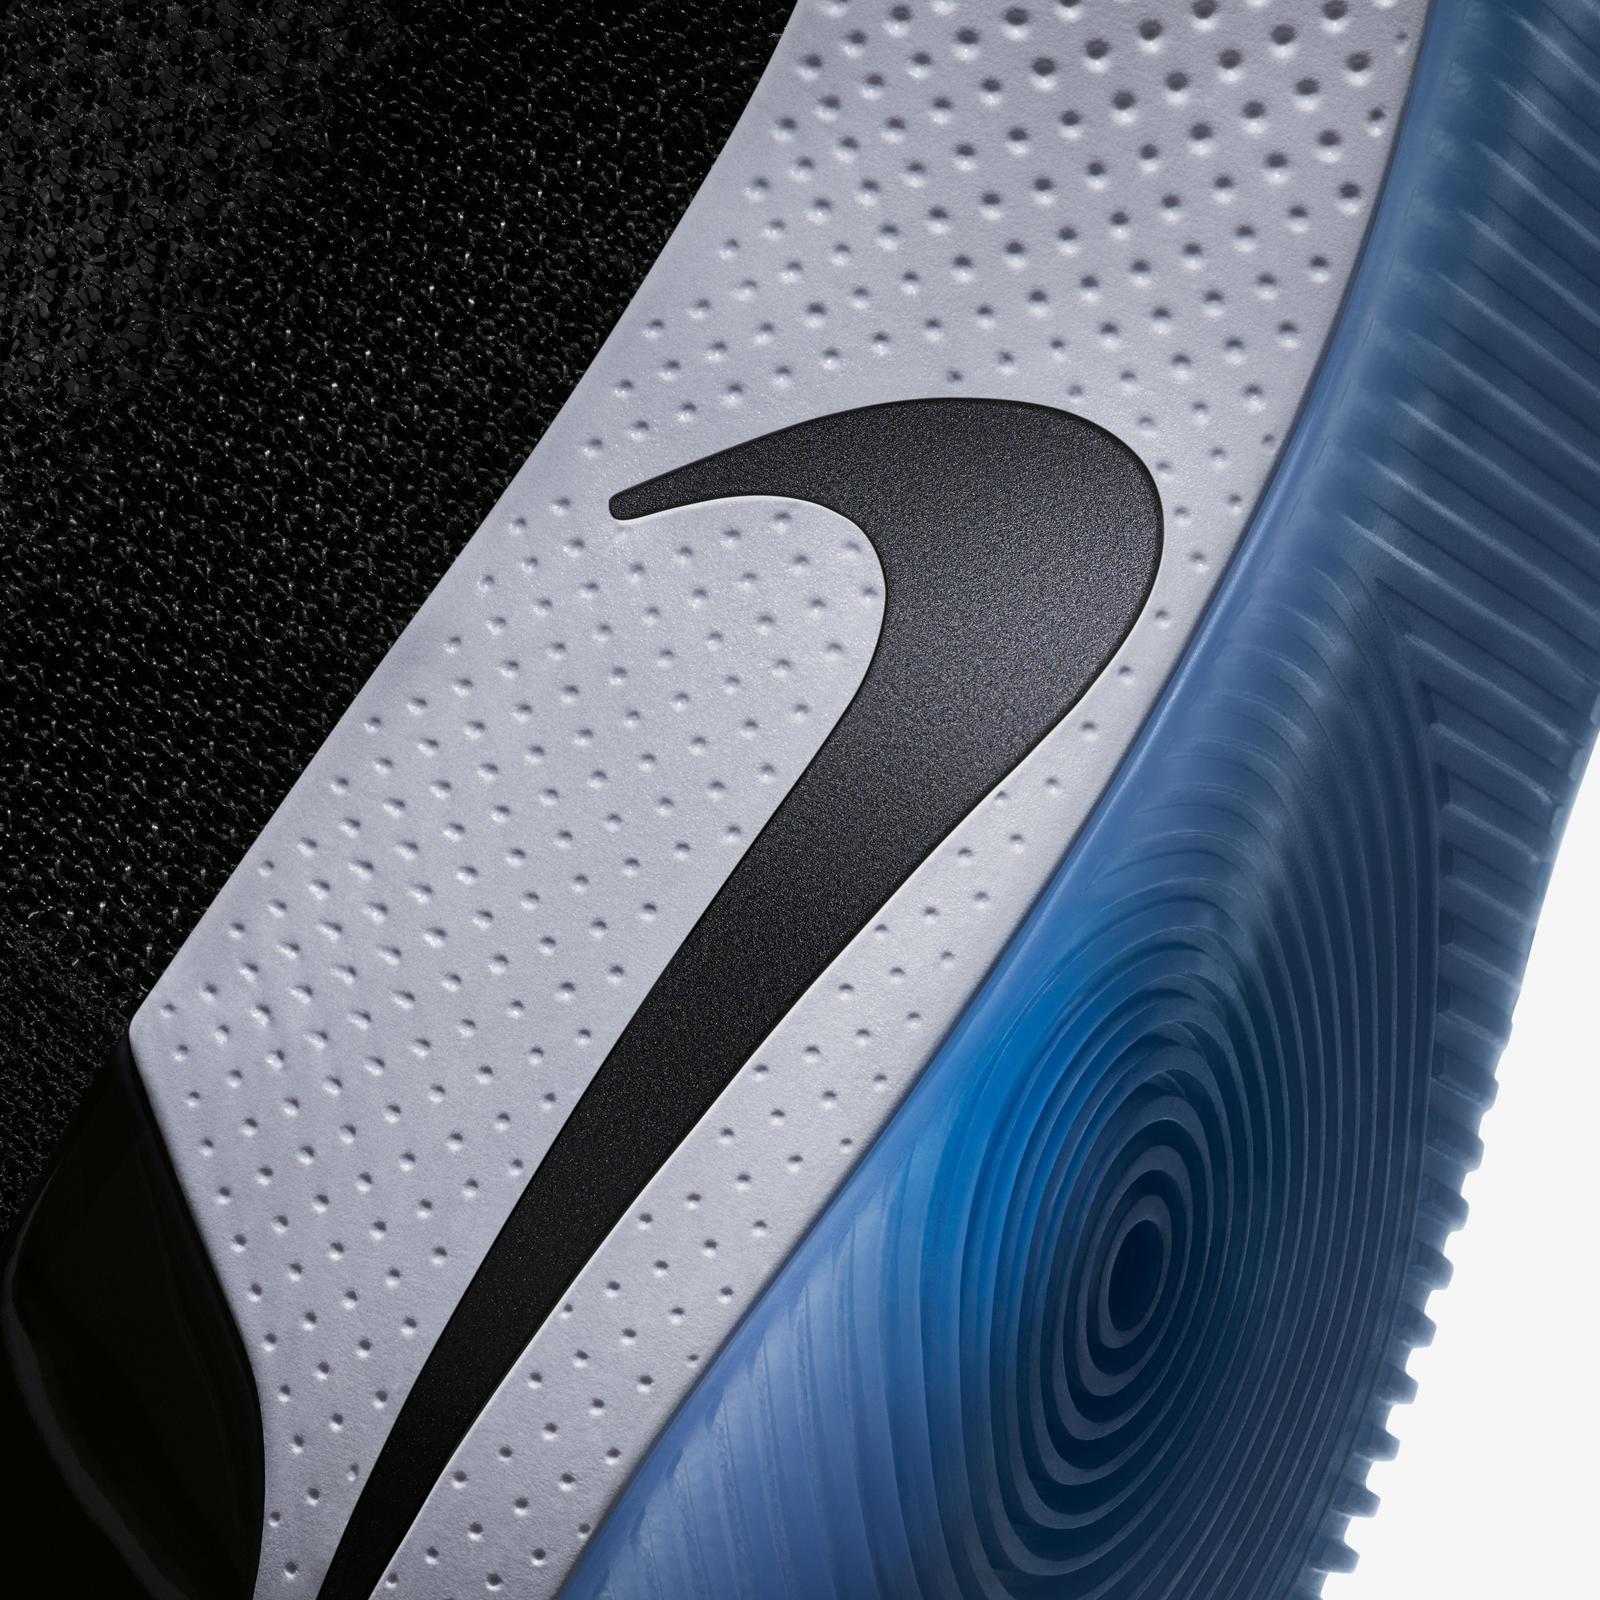 Nike Adapt BB nike adapt bb - Mengulas Nike Adapt BB, Masa Depan Sepatu.